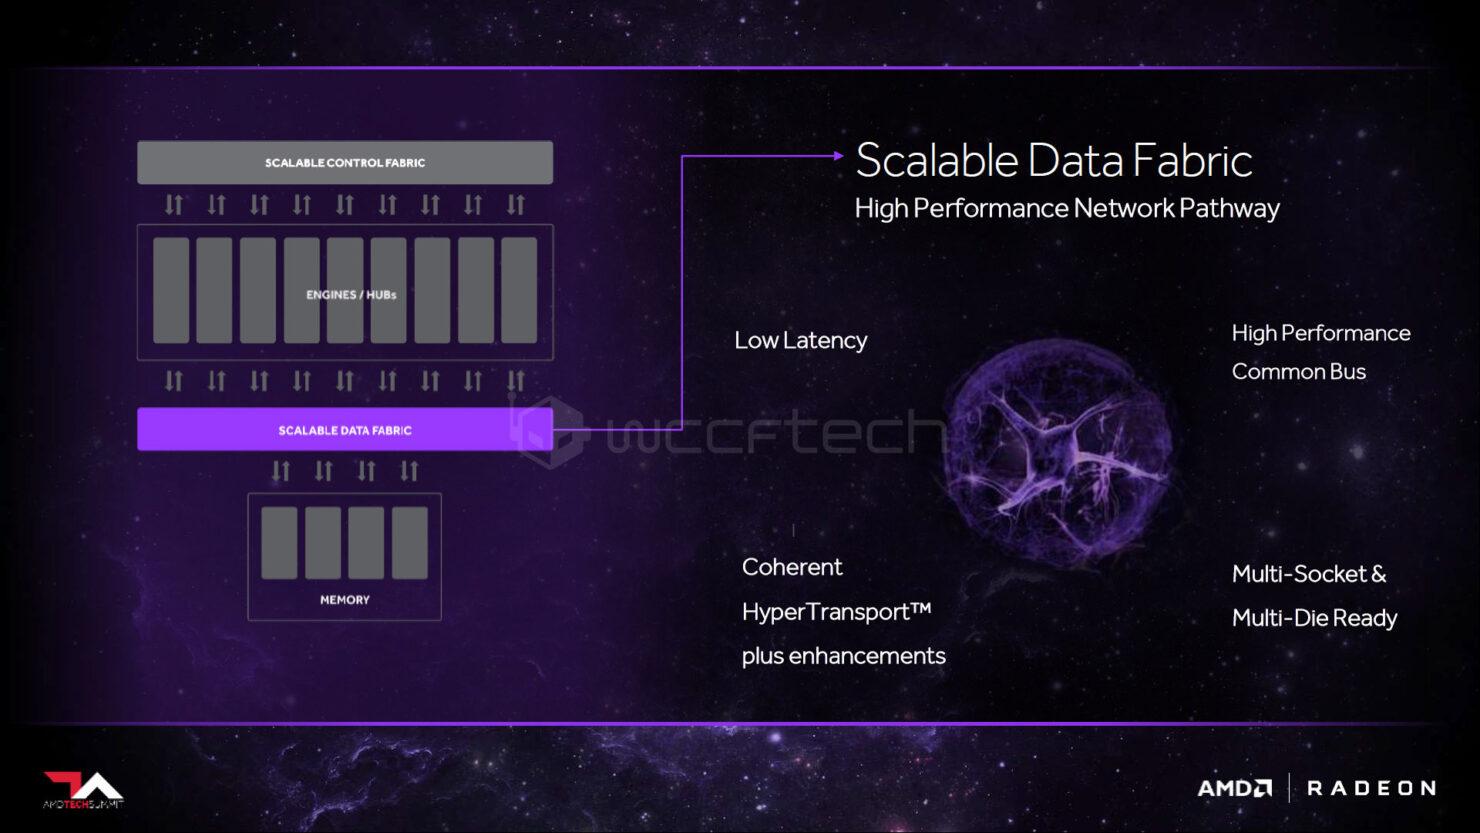 scalabale-data-fabtic